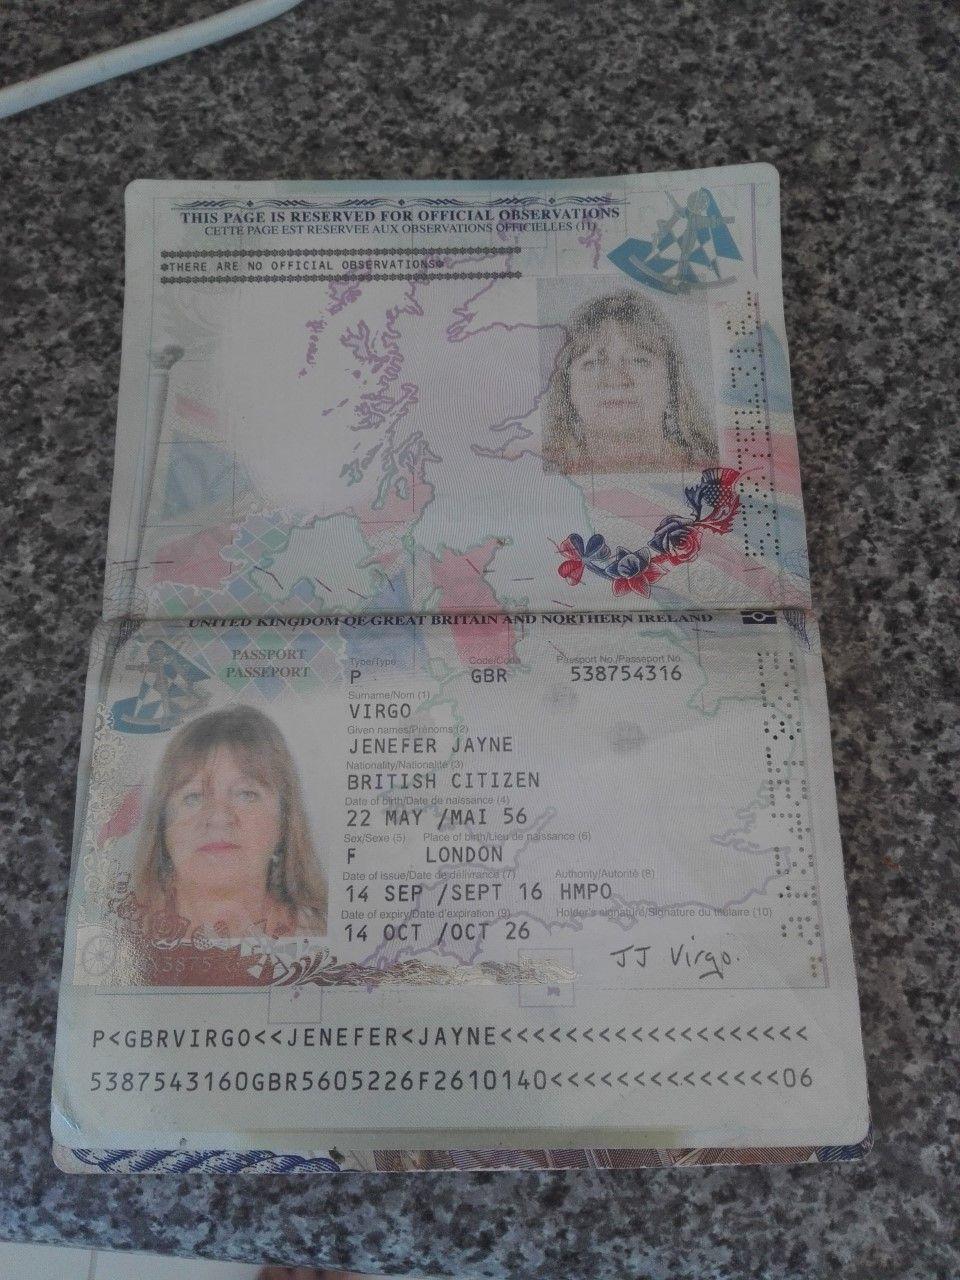 Pin by Yoyo on P in 2020 Passport photo, Passport, Free